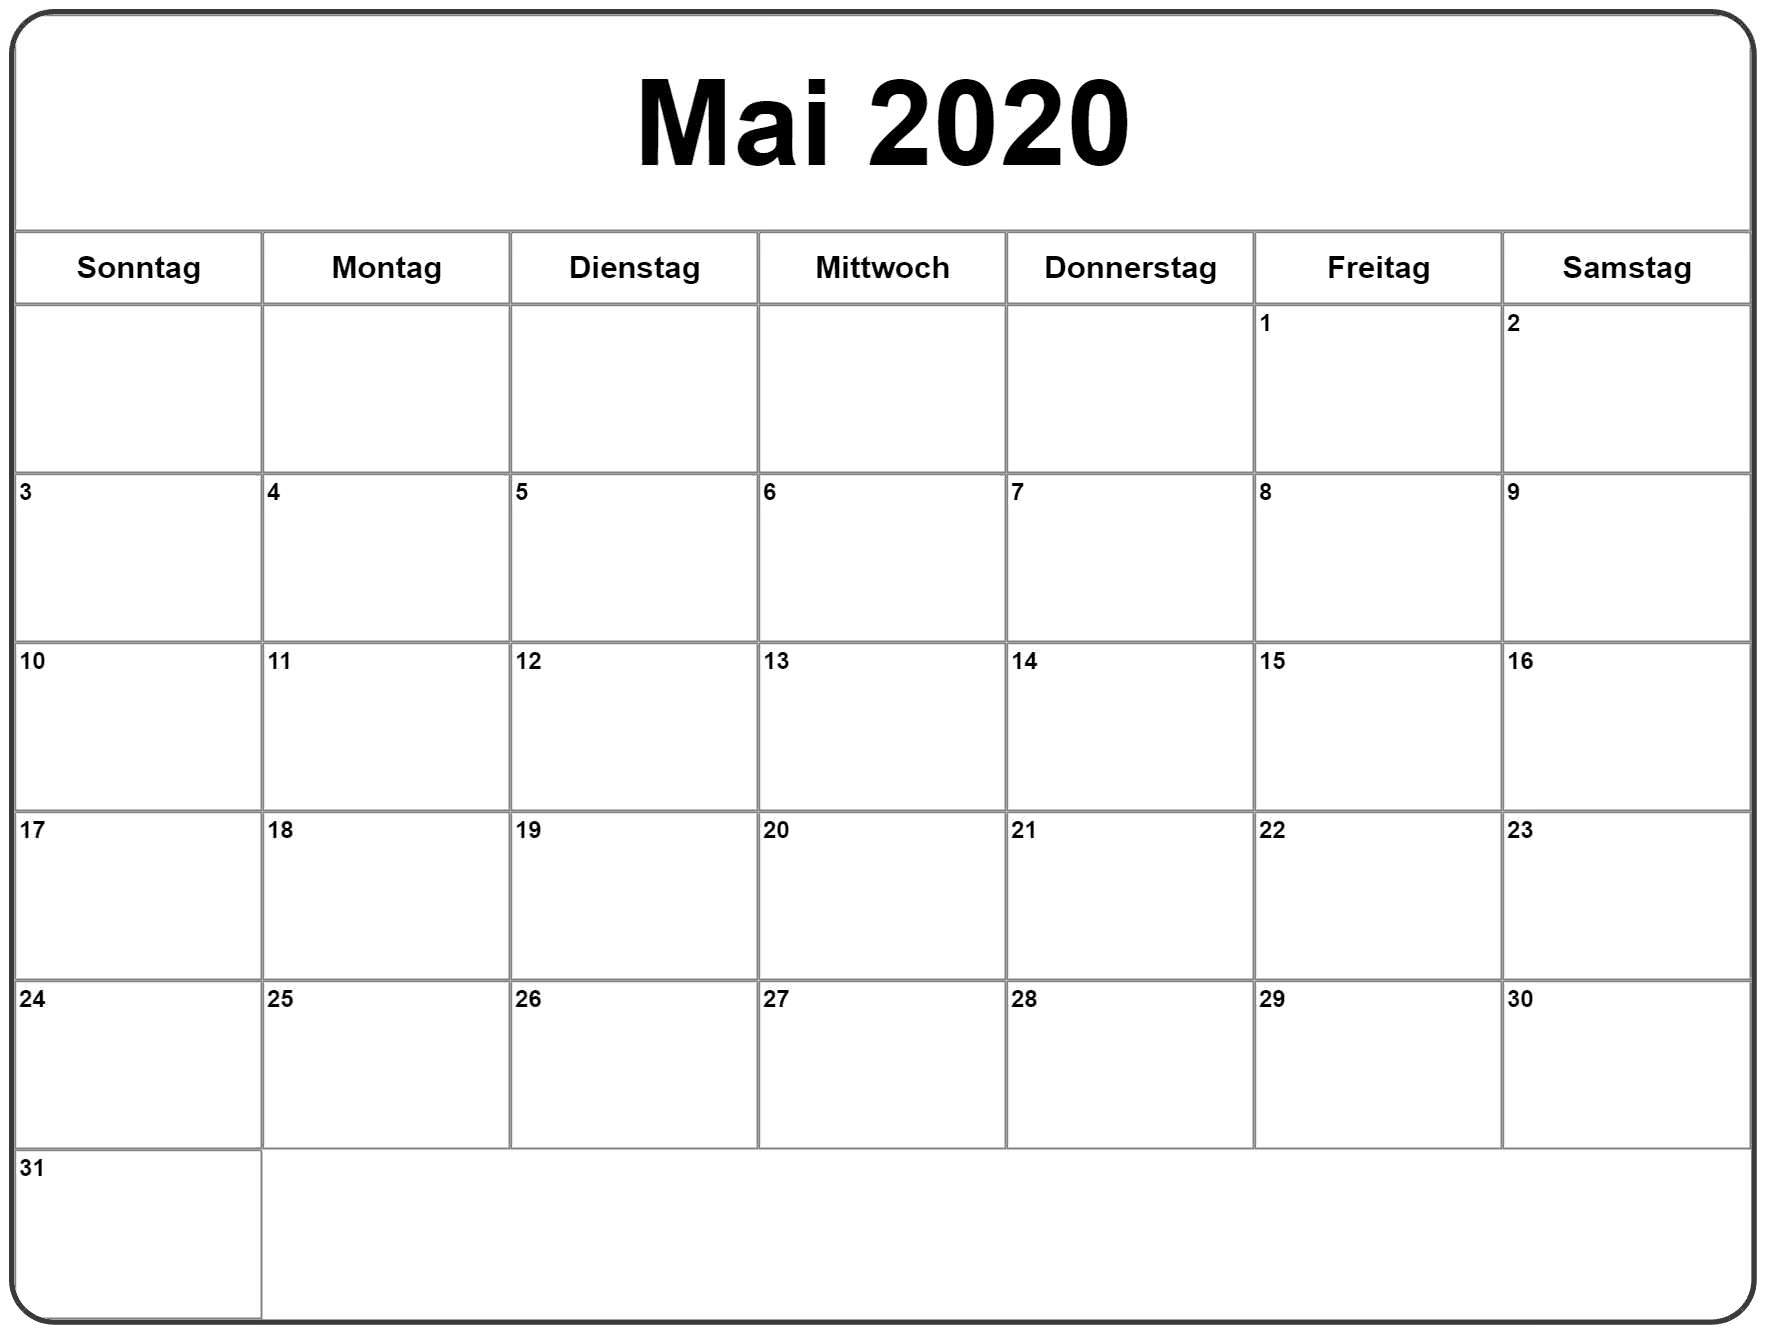 Mai 2020 Kalender Tabelle